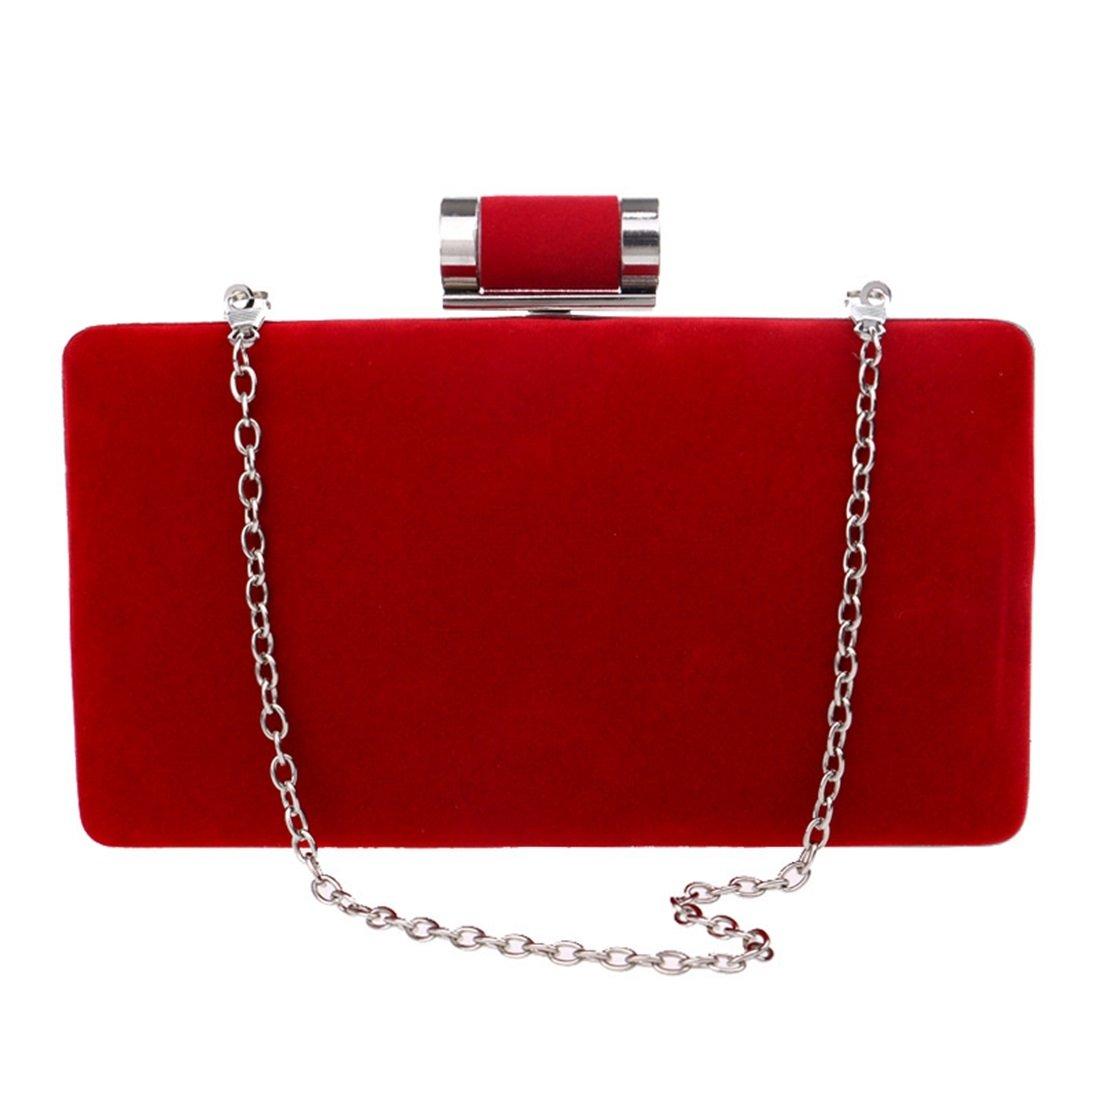 Jiuyizhe Damen Wildleder Clutch Handtasche Abendtasche Handtasche Crossbody Umhängetasche Umhängetasche Umhängetasche (Farbe   rot) B07K6T5C1P Clutches Großer Verkauf 0f7743